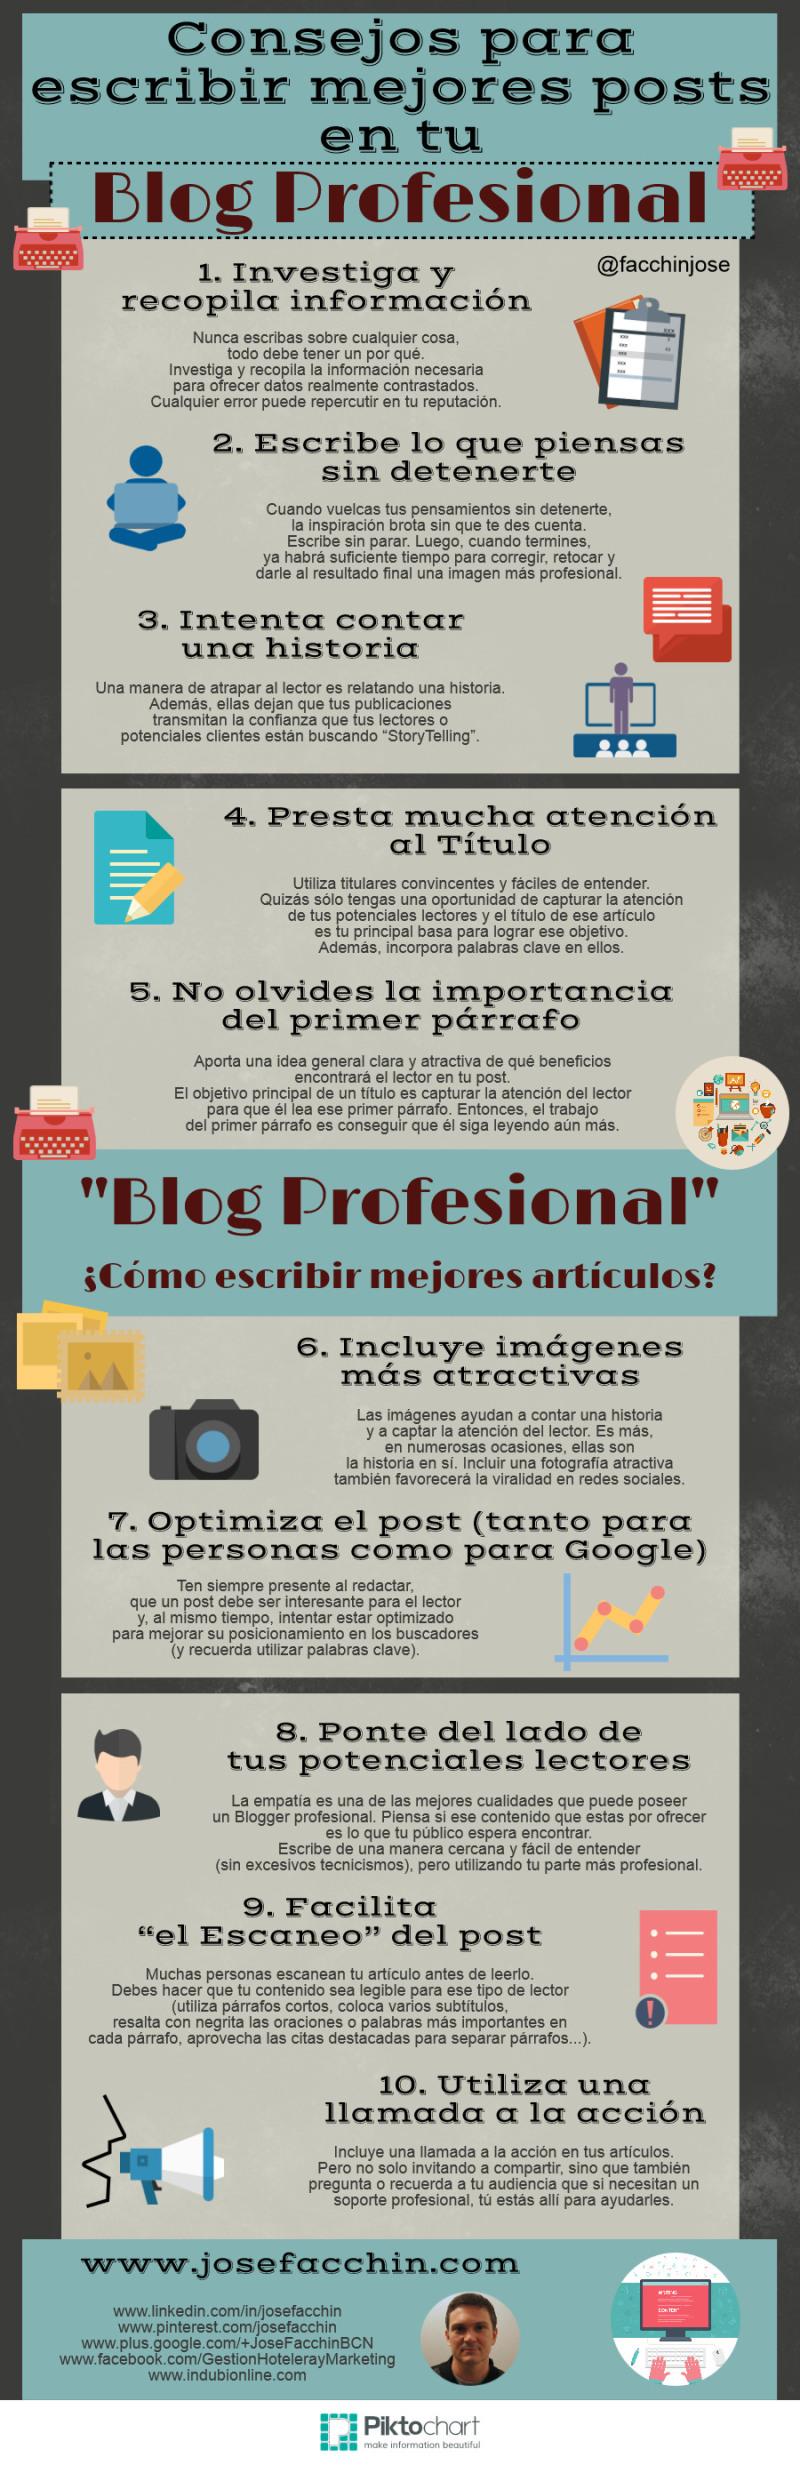 Cómo escribir mejores posts en tu Blog Profesional